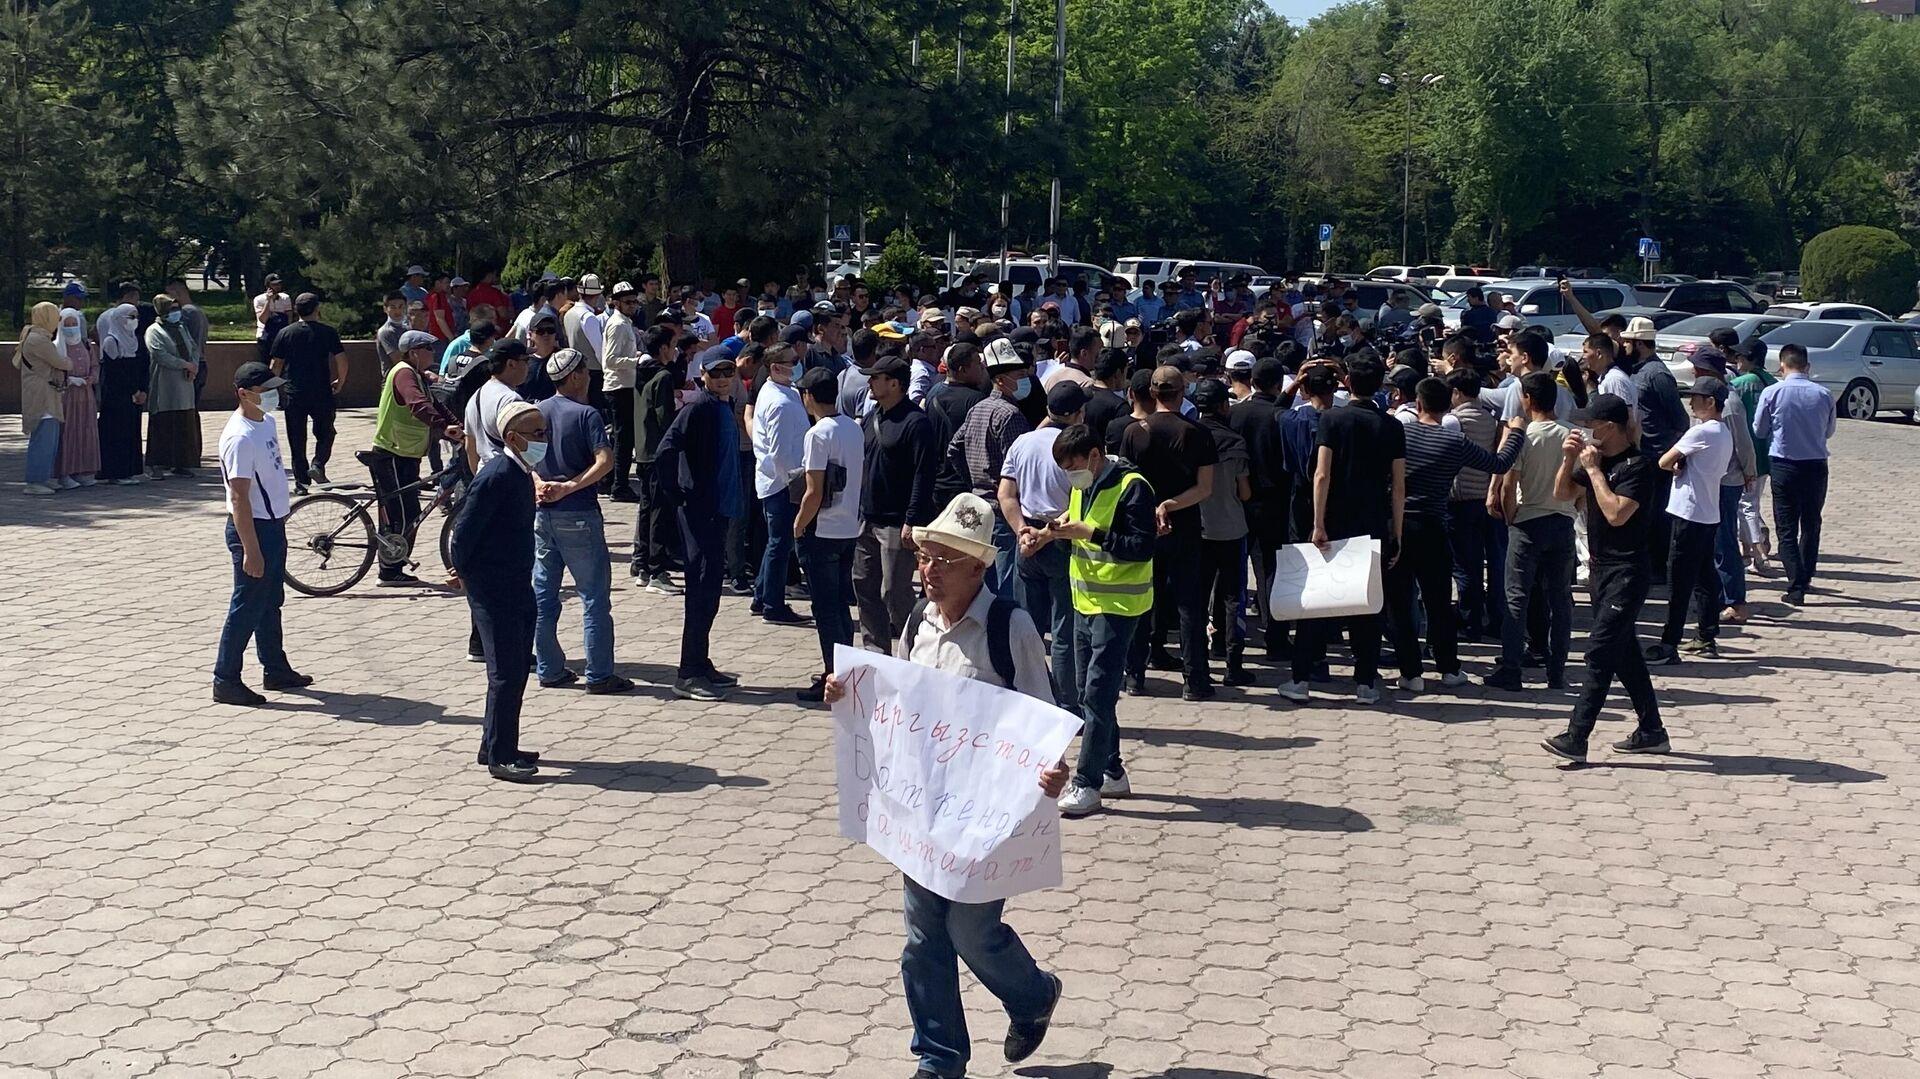 Участники митинга возле Дома правительства Киргизии в Бишкеке с требованием урегулировать ситуацию на границе с Таджикистаном - РИА Новости, 1920, 29.04.2021